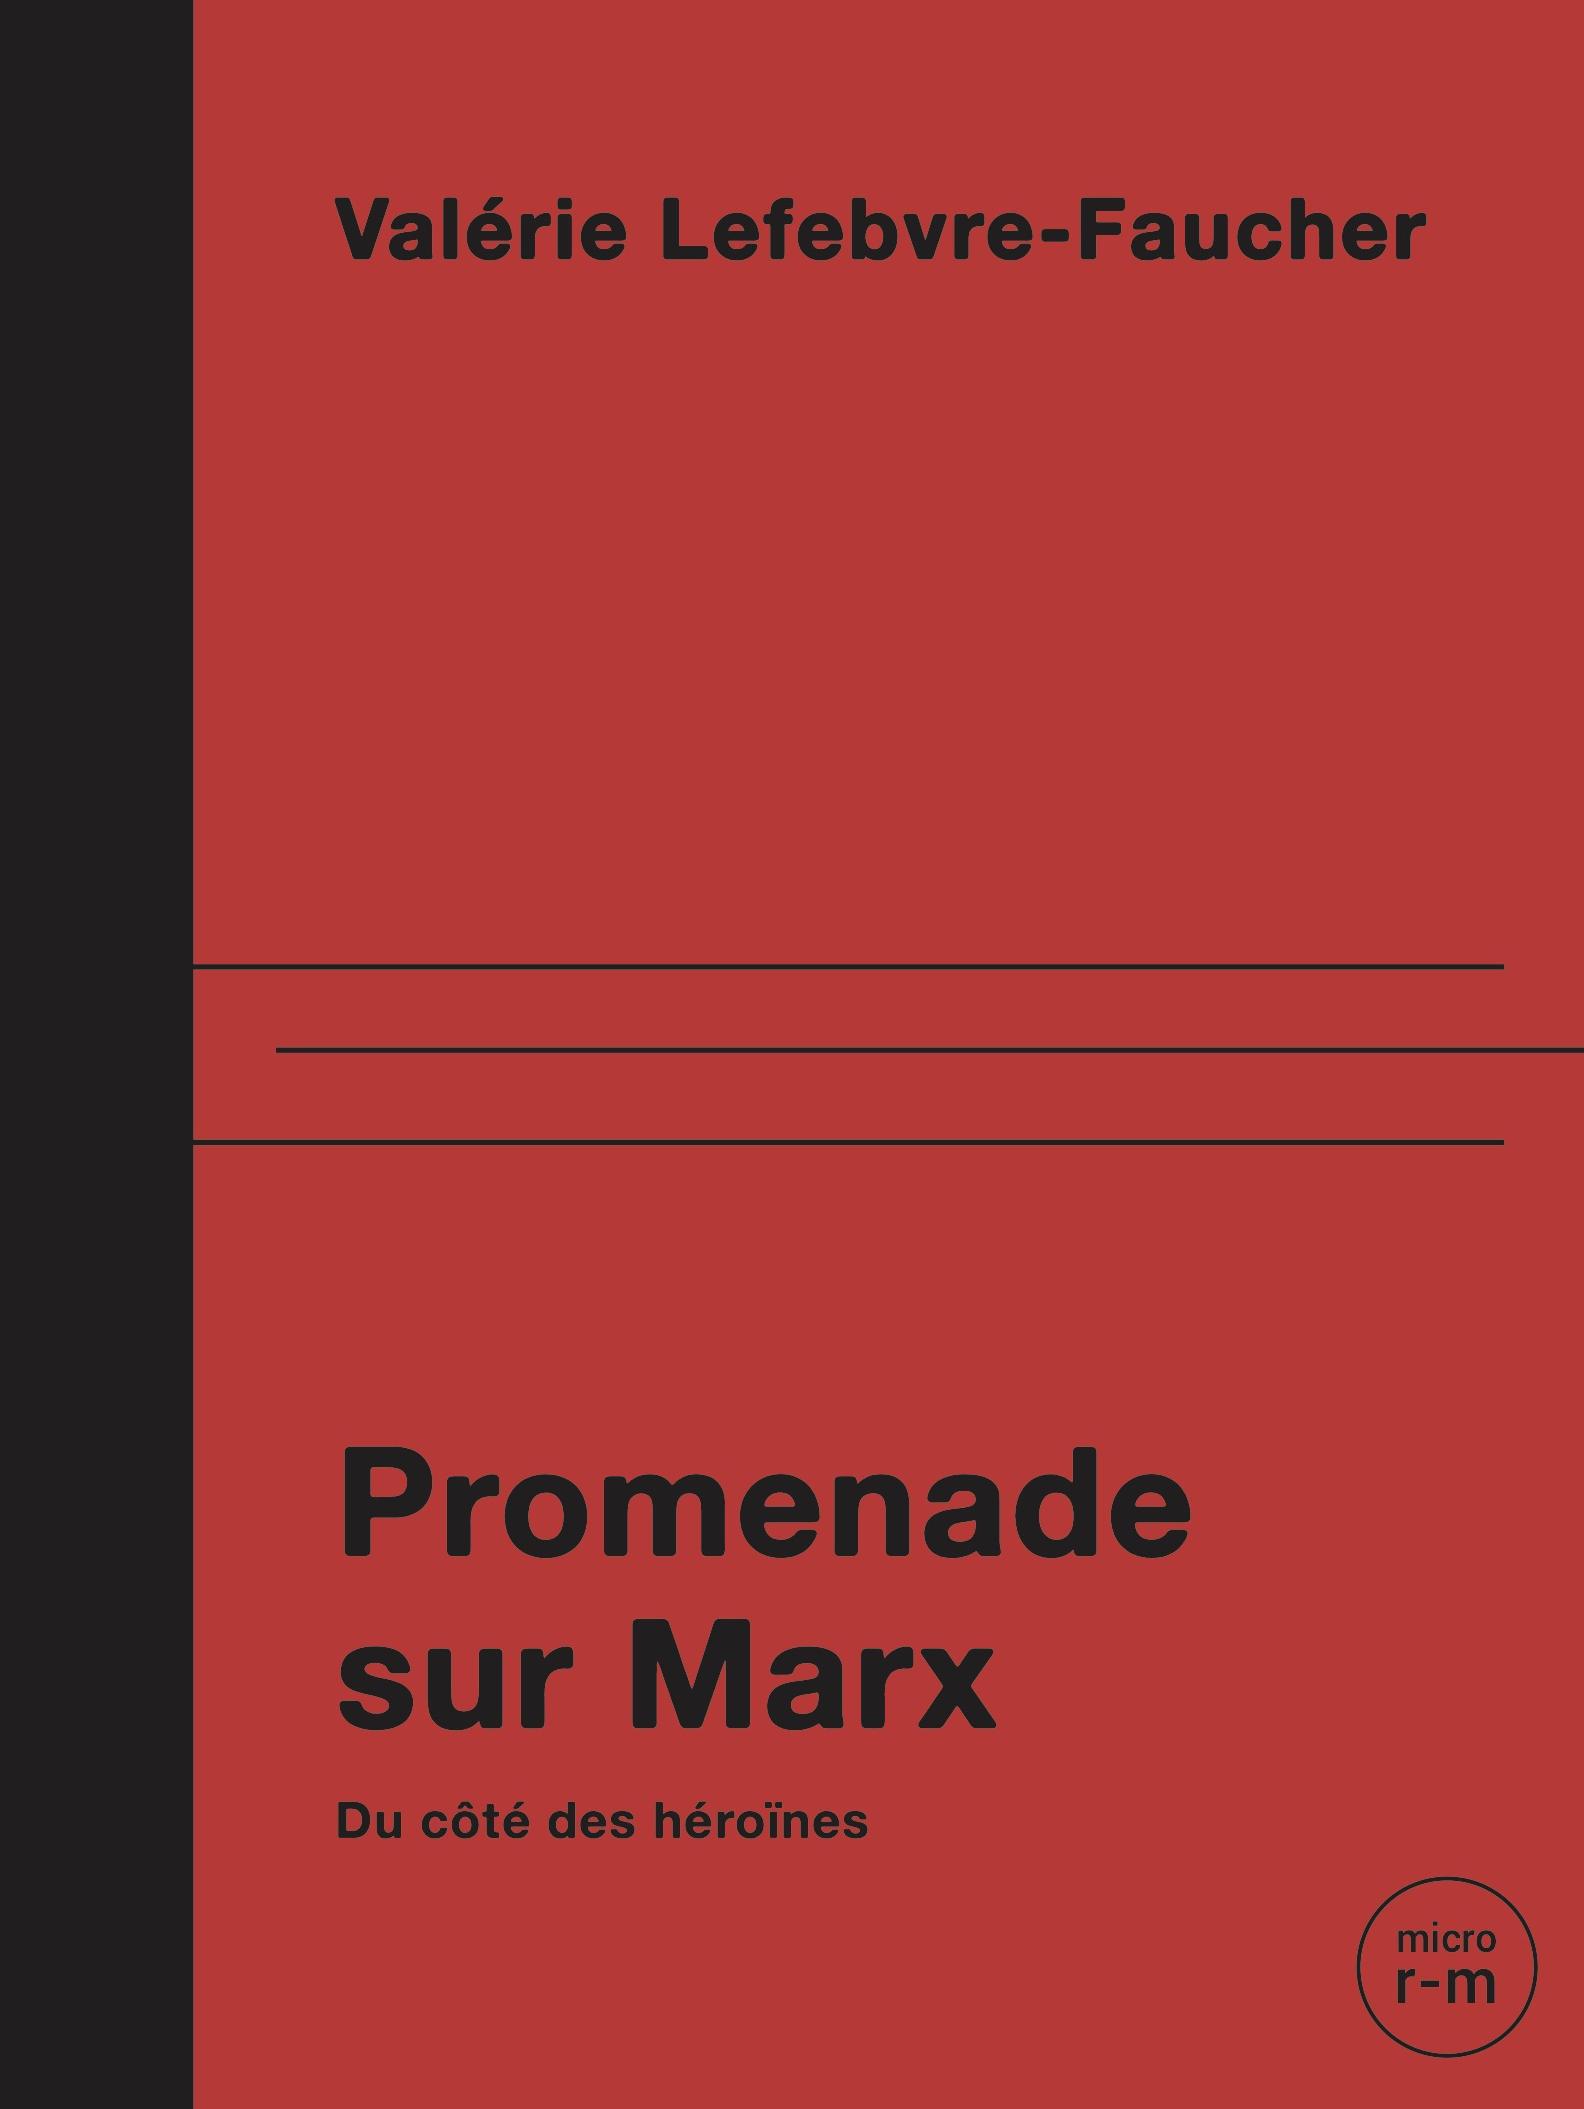 V. Lefebvre-Faucher, Promenade sur Marx. Du côté des héroïnes